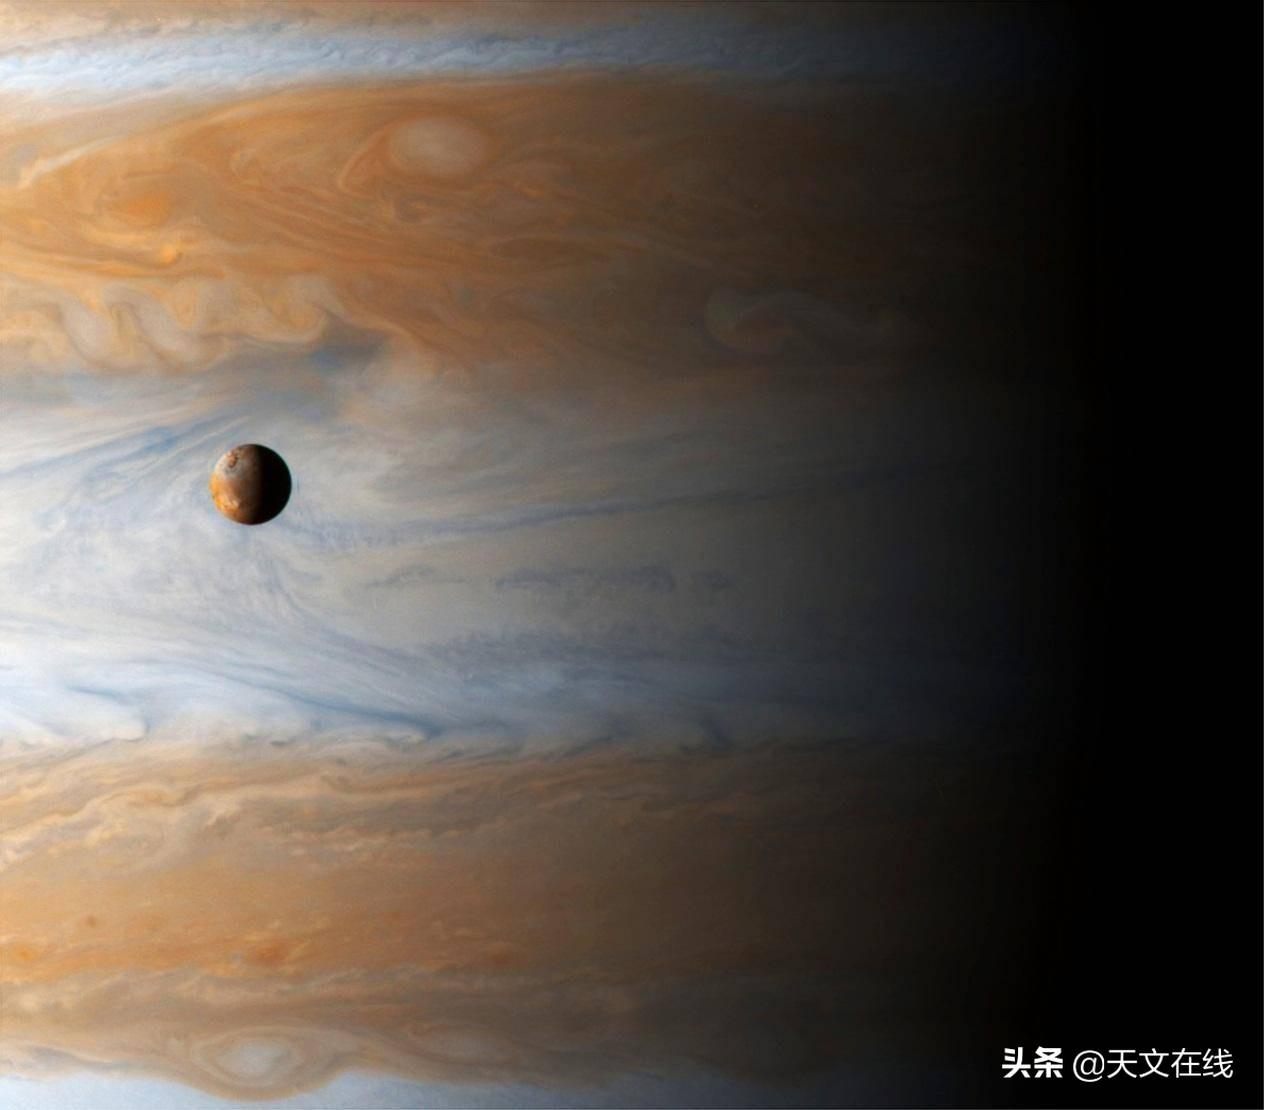 """地球百般琢磨,费尽心思,只为探明木星的""""心"""""""